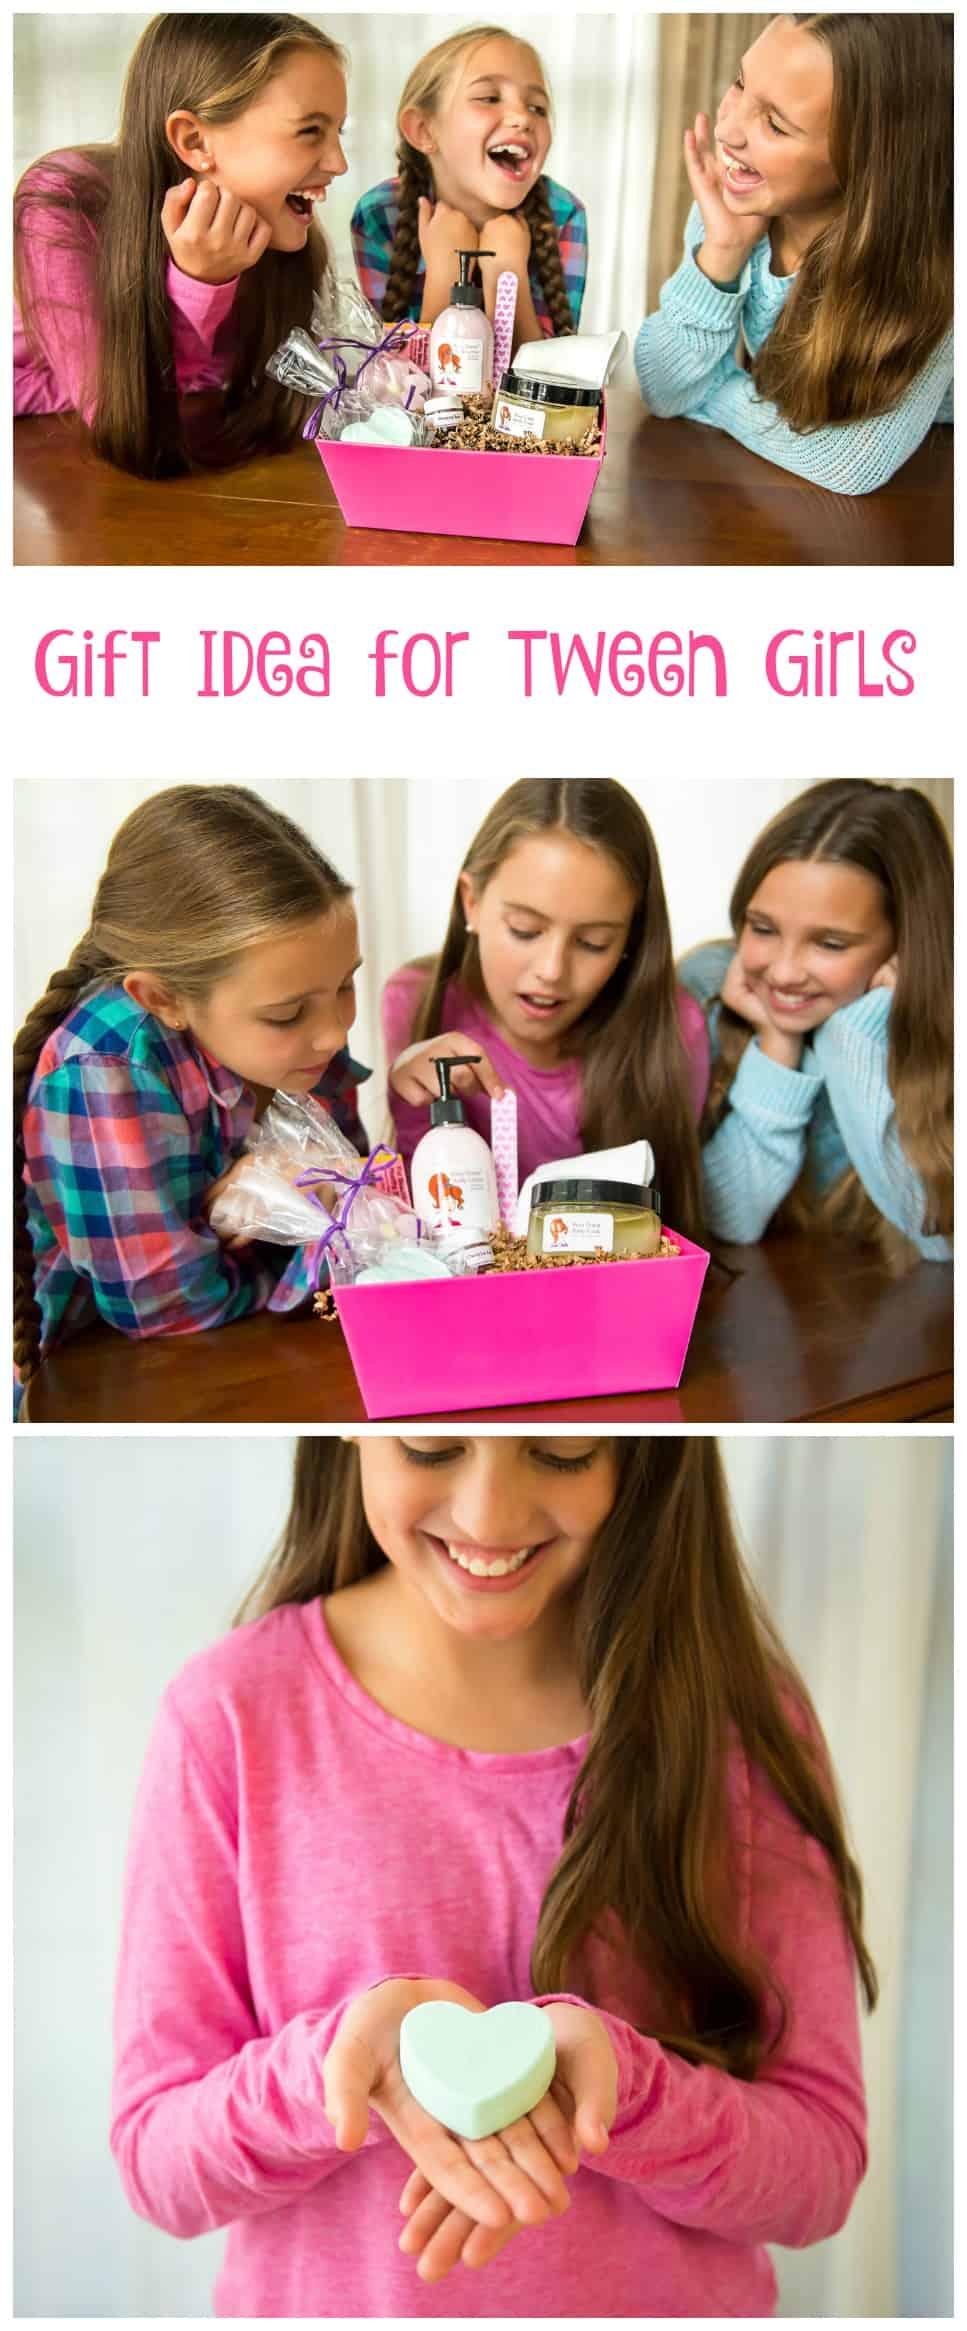 Gift Idea for Tween Girls